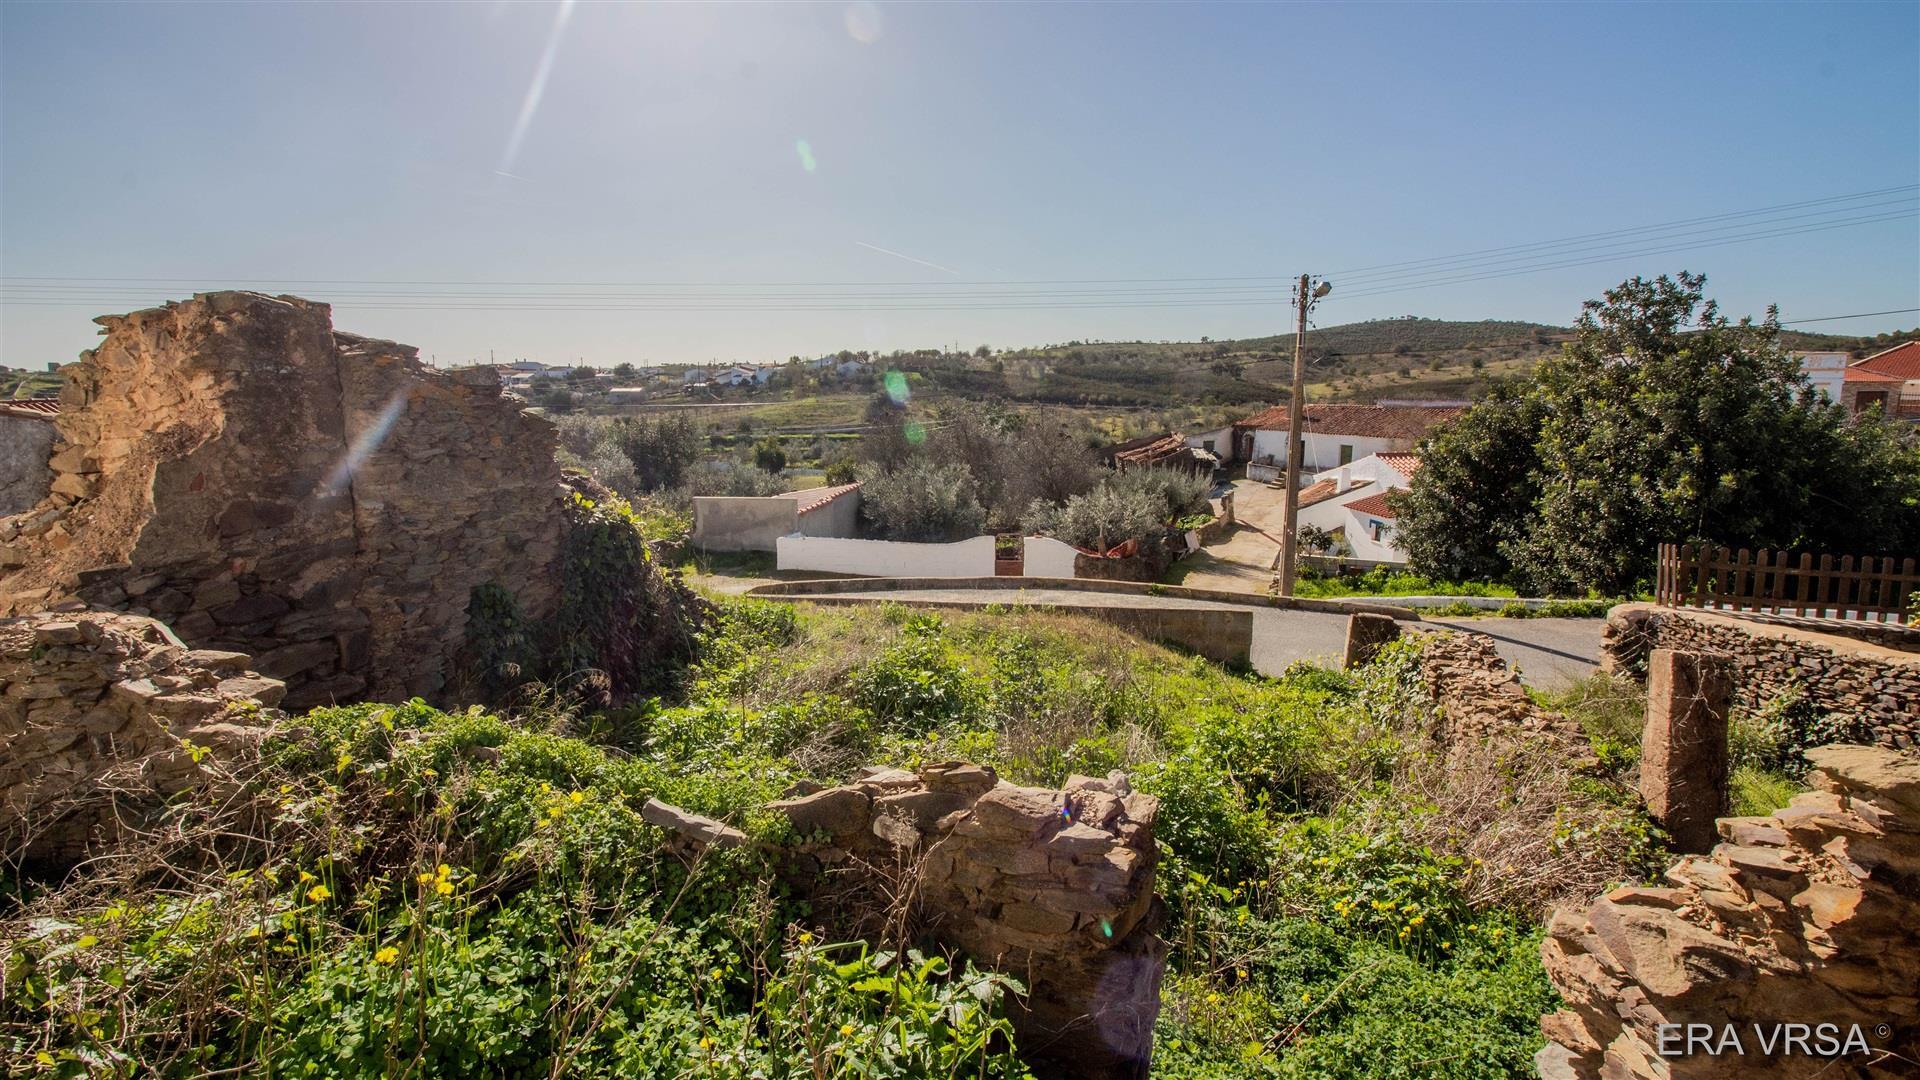 Terreno Urbano para comprar - Algarve, , Alcoutim